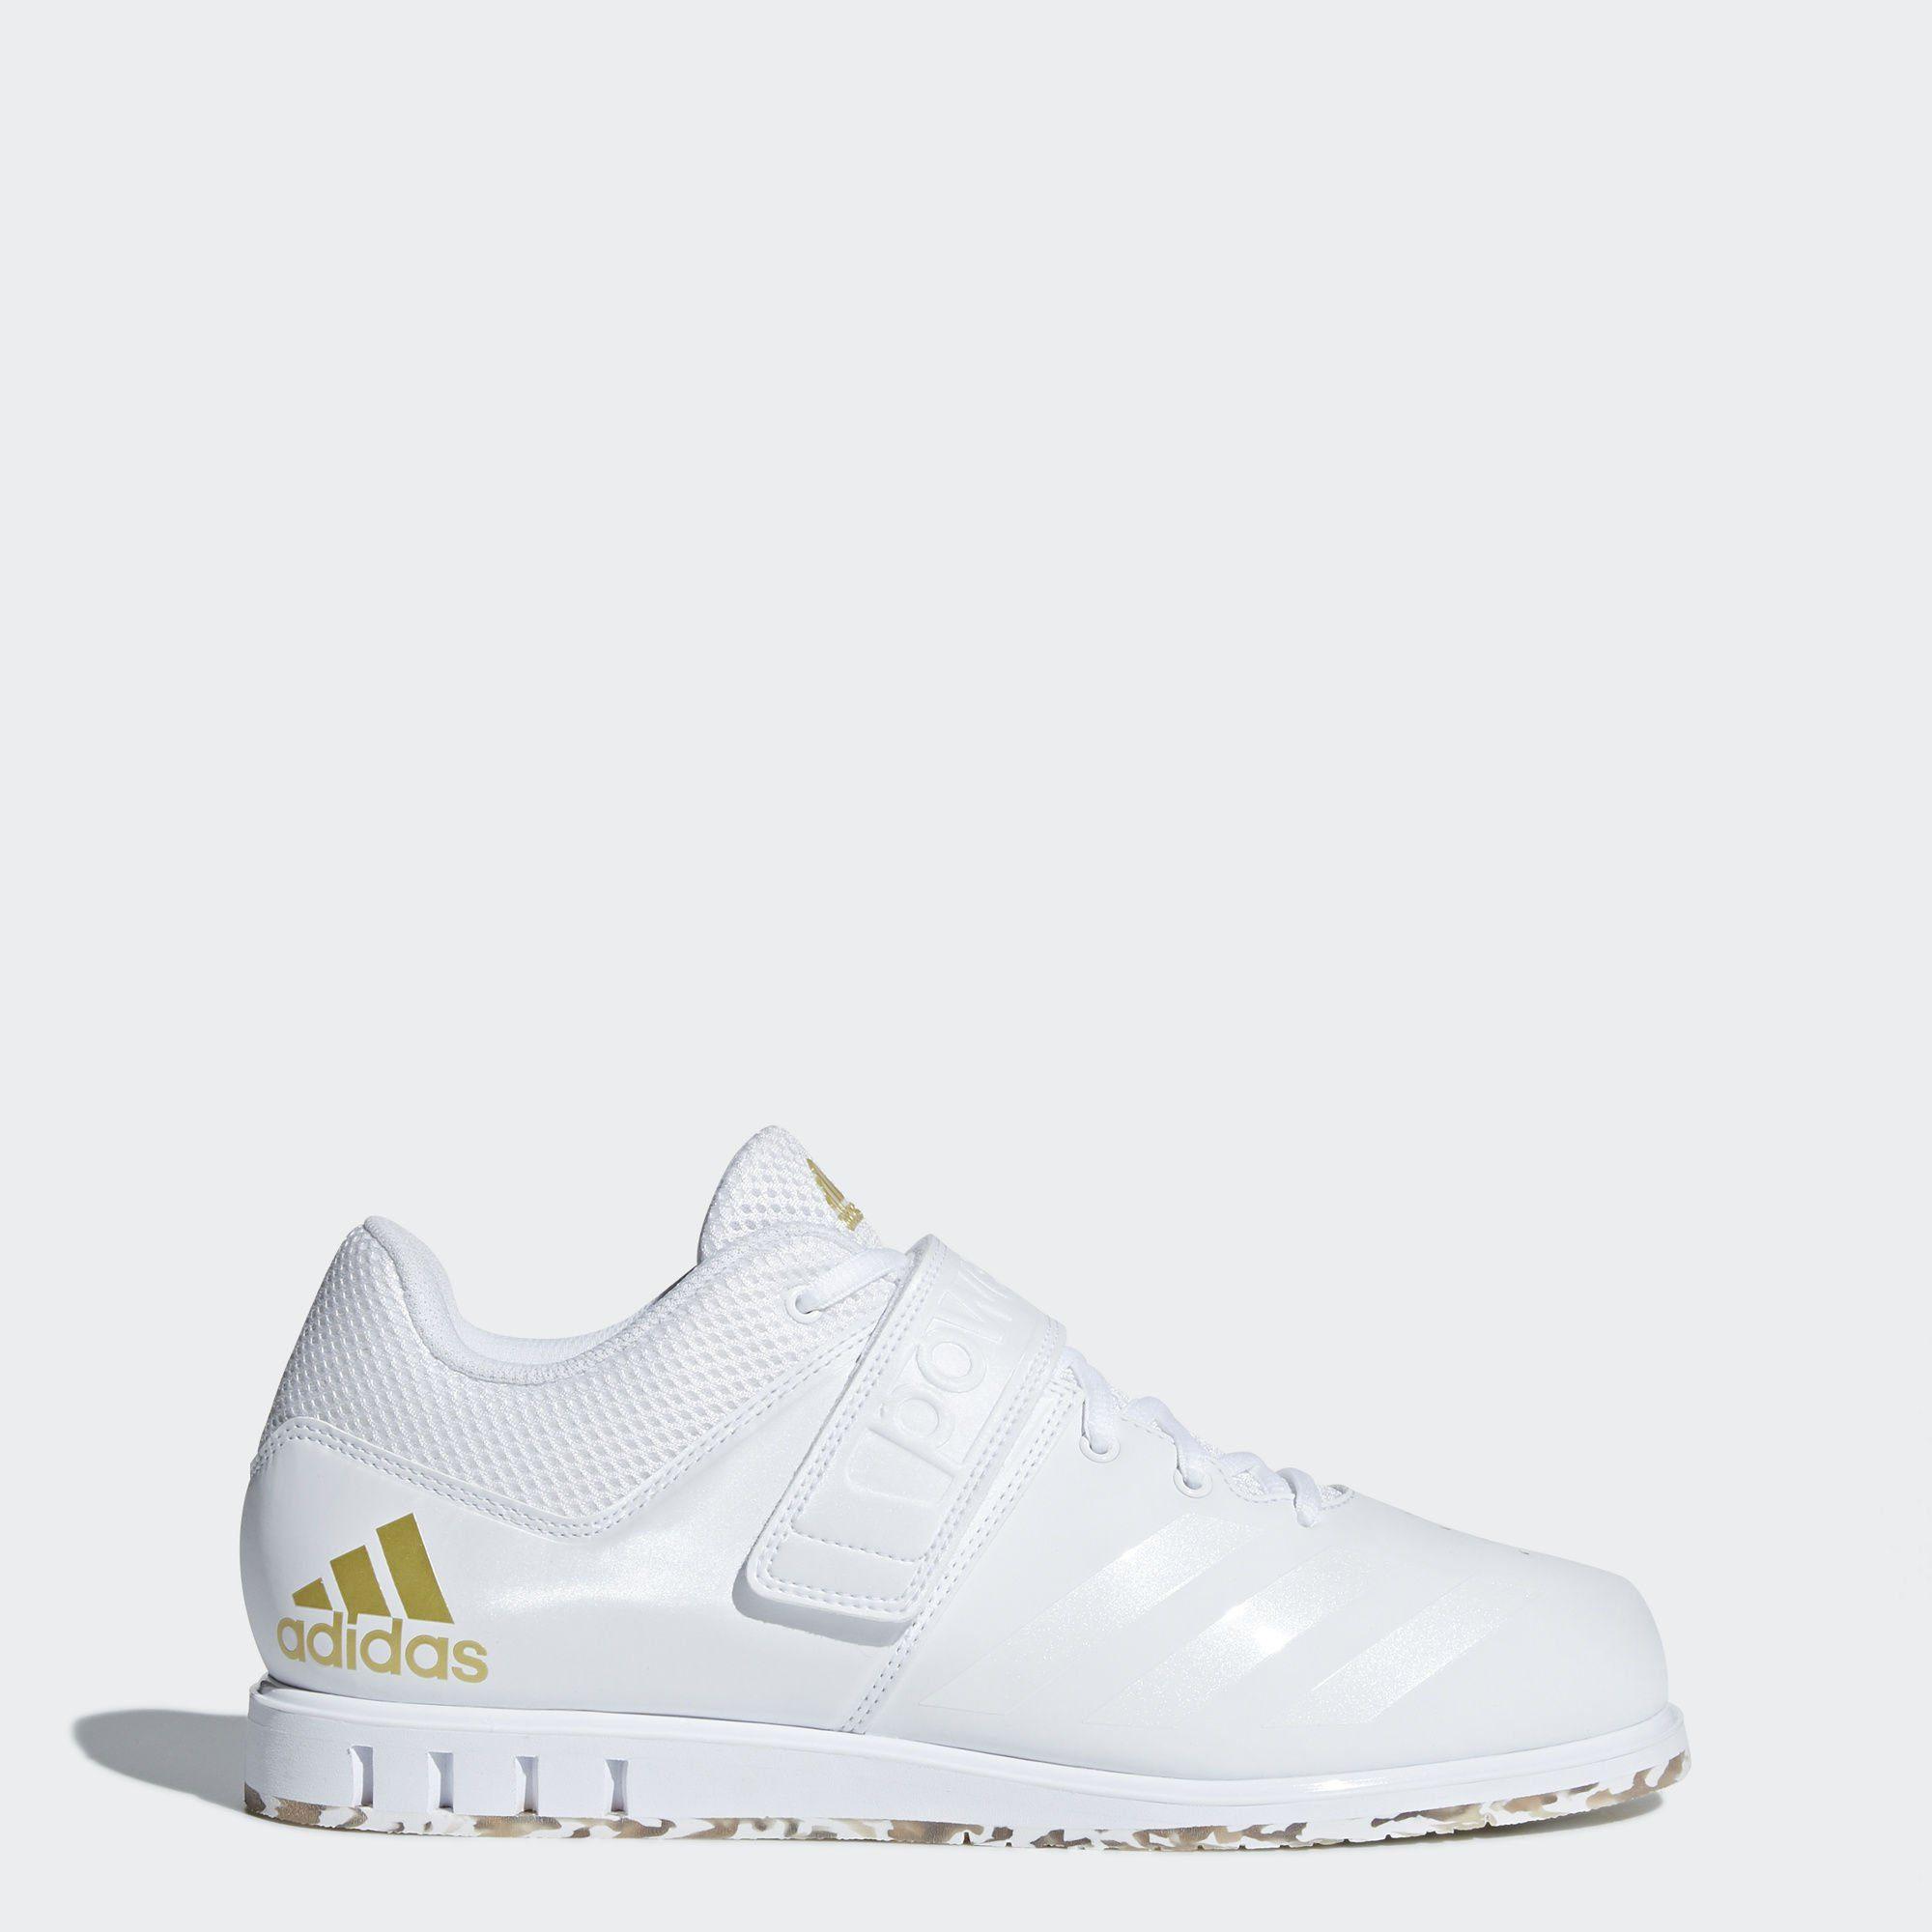 adidas Performance Powerlift 31 Schuh Trainingsschuh online kaufen  white